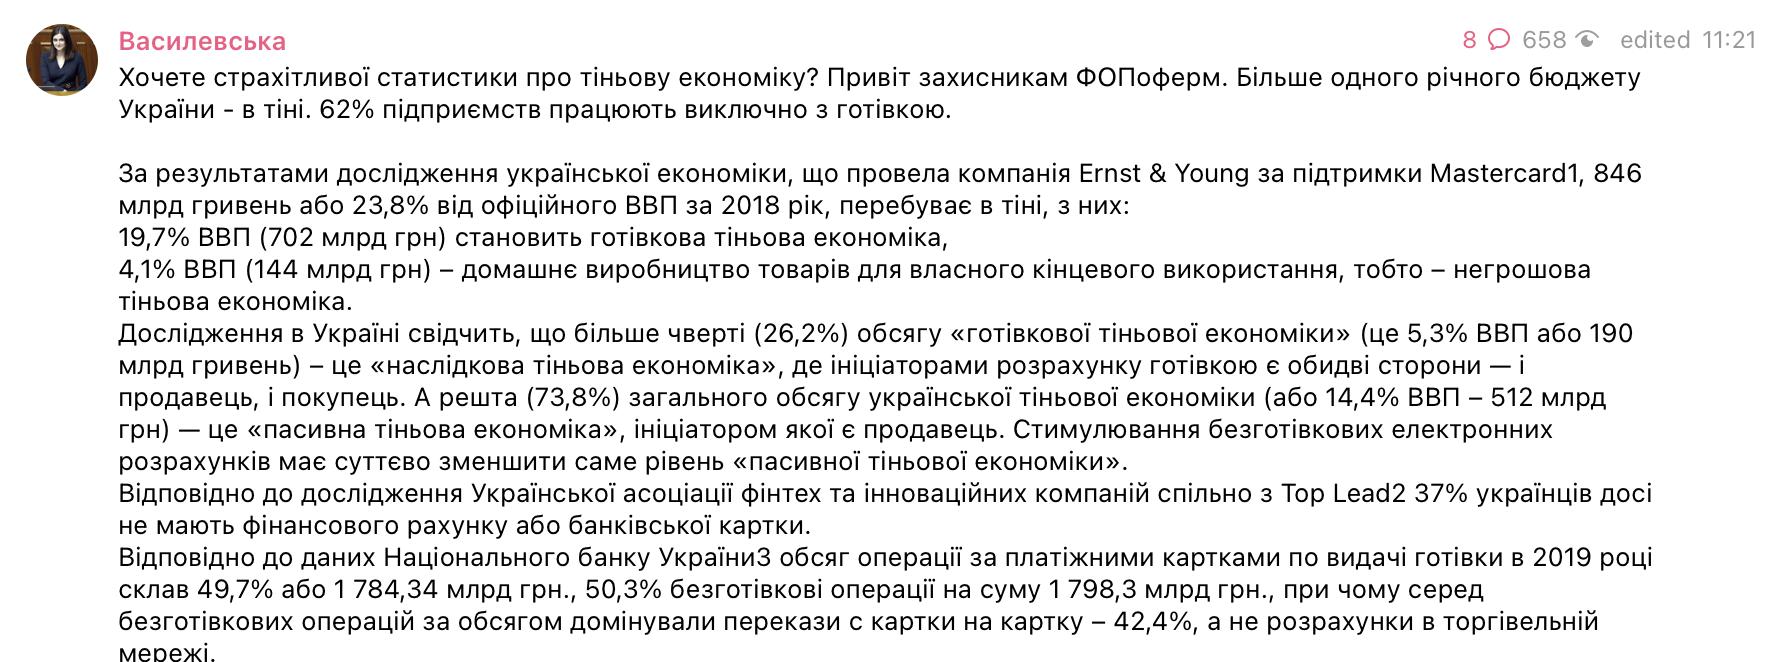 Озвучено втрати України від тіньової економіки